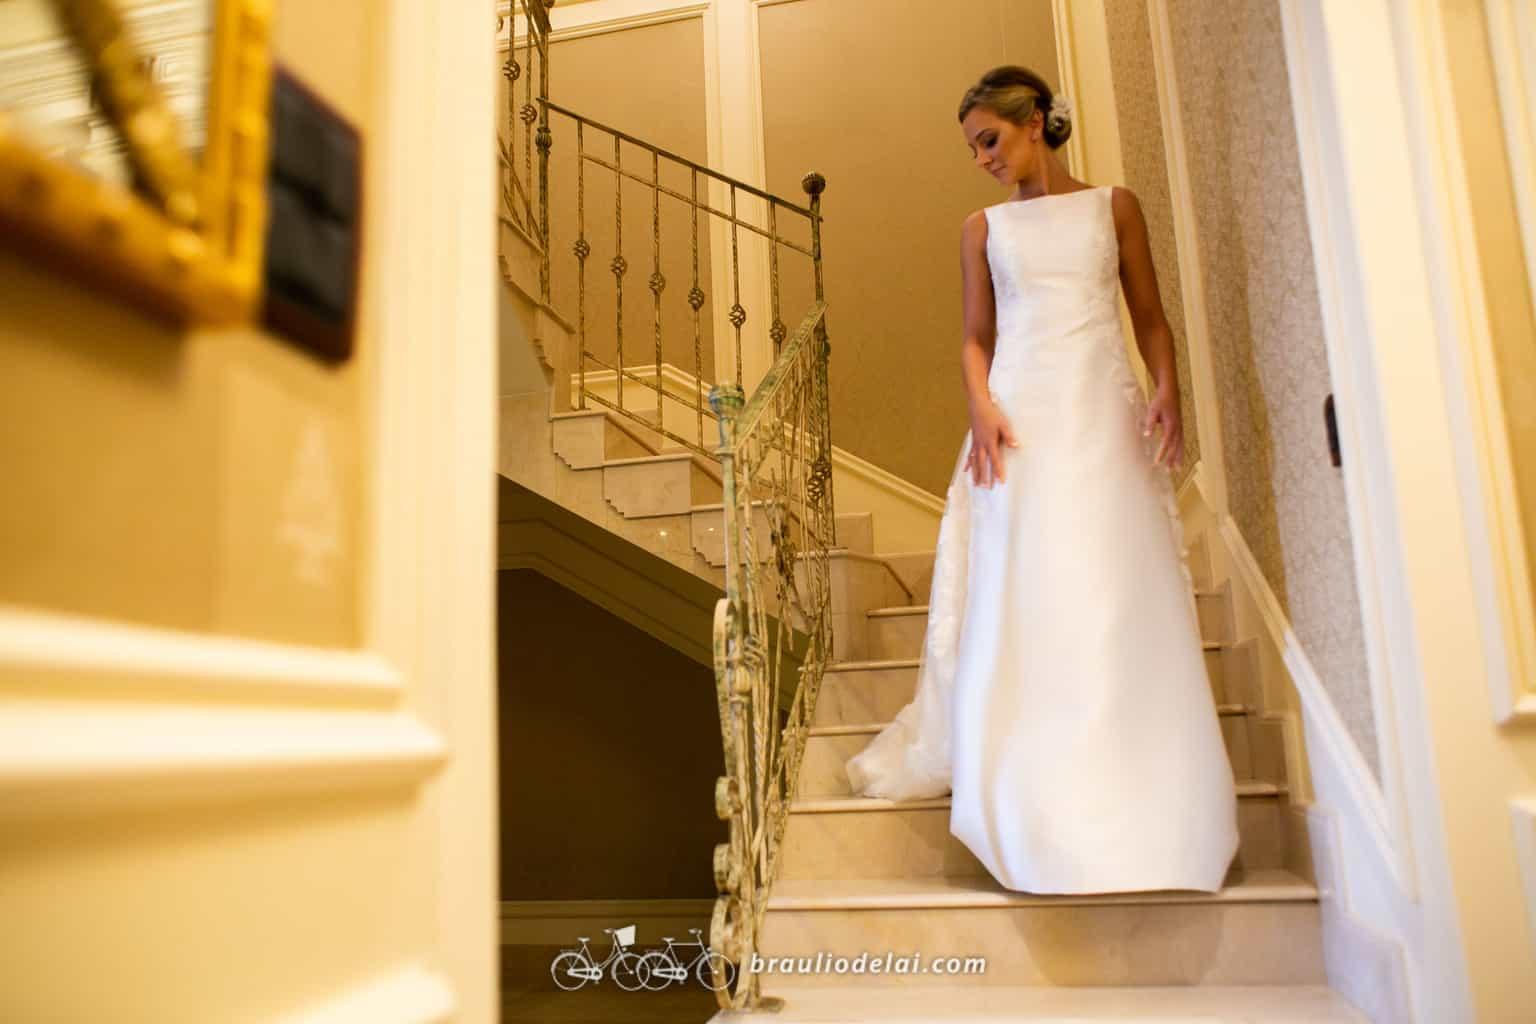 Braulio-Delai-casamento-Luciana-e-Eduardo-Cerimonial-Sandra-Colin-Fotografia-Mana-Gollo-Igreja-Santa-Terezinha-e-Espaço-Klaine-making-of7